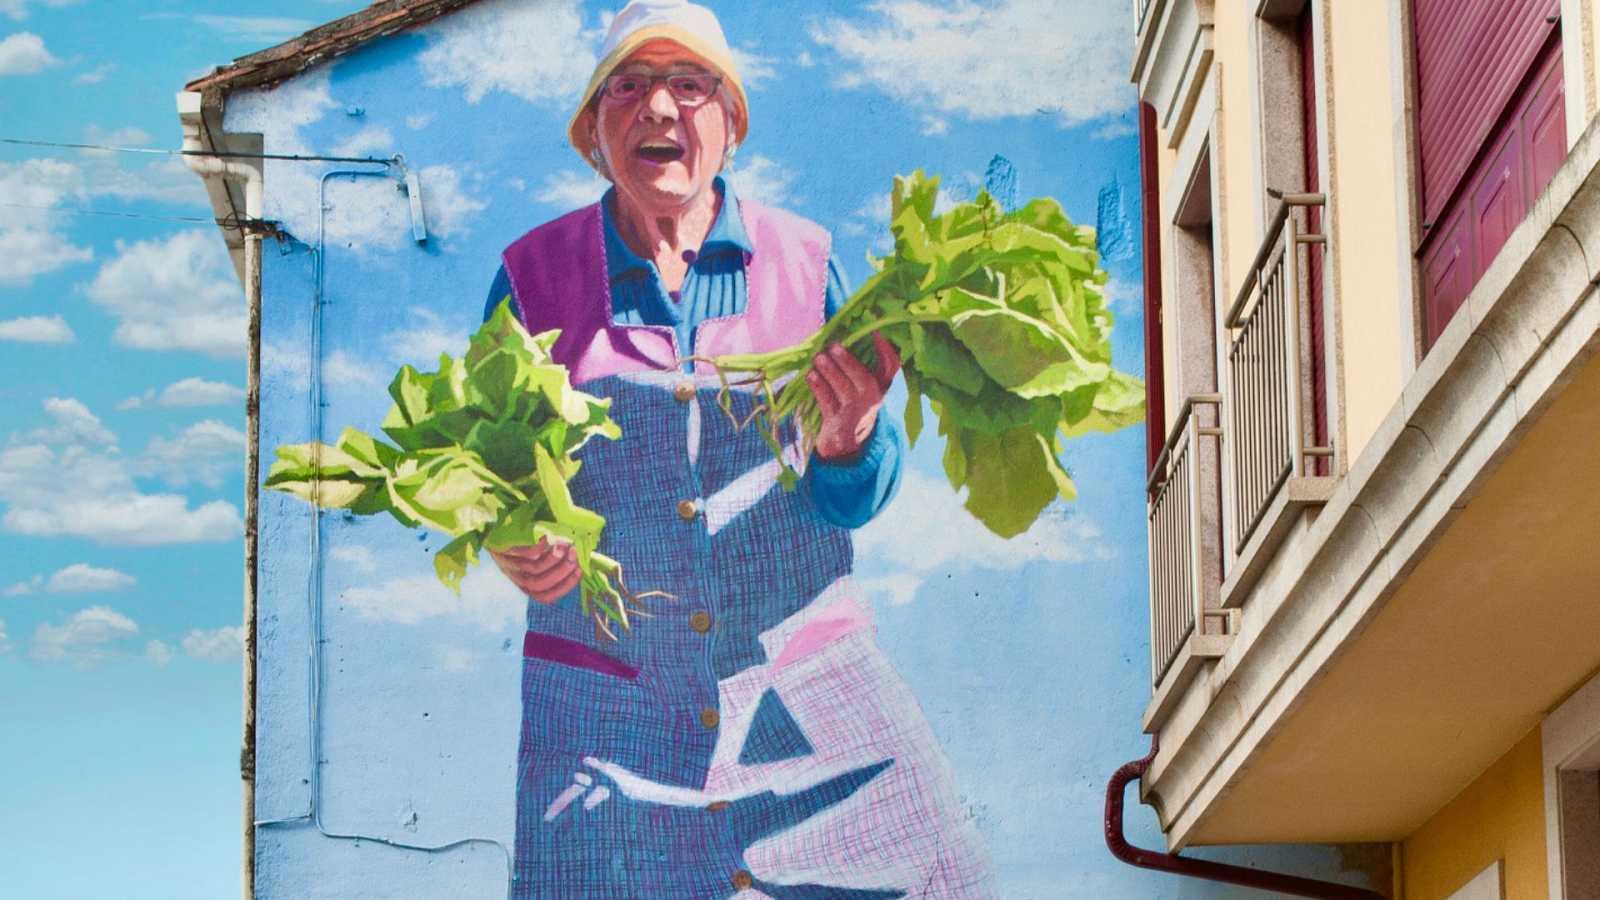 Global 5- Arte Urbano A Coruña (IV): 13 años de DesoOrdes Creativas - 10/09/20  - Escuchar ahora -